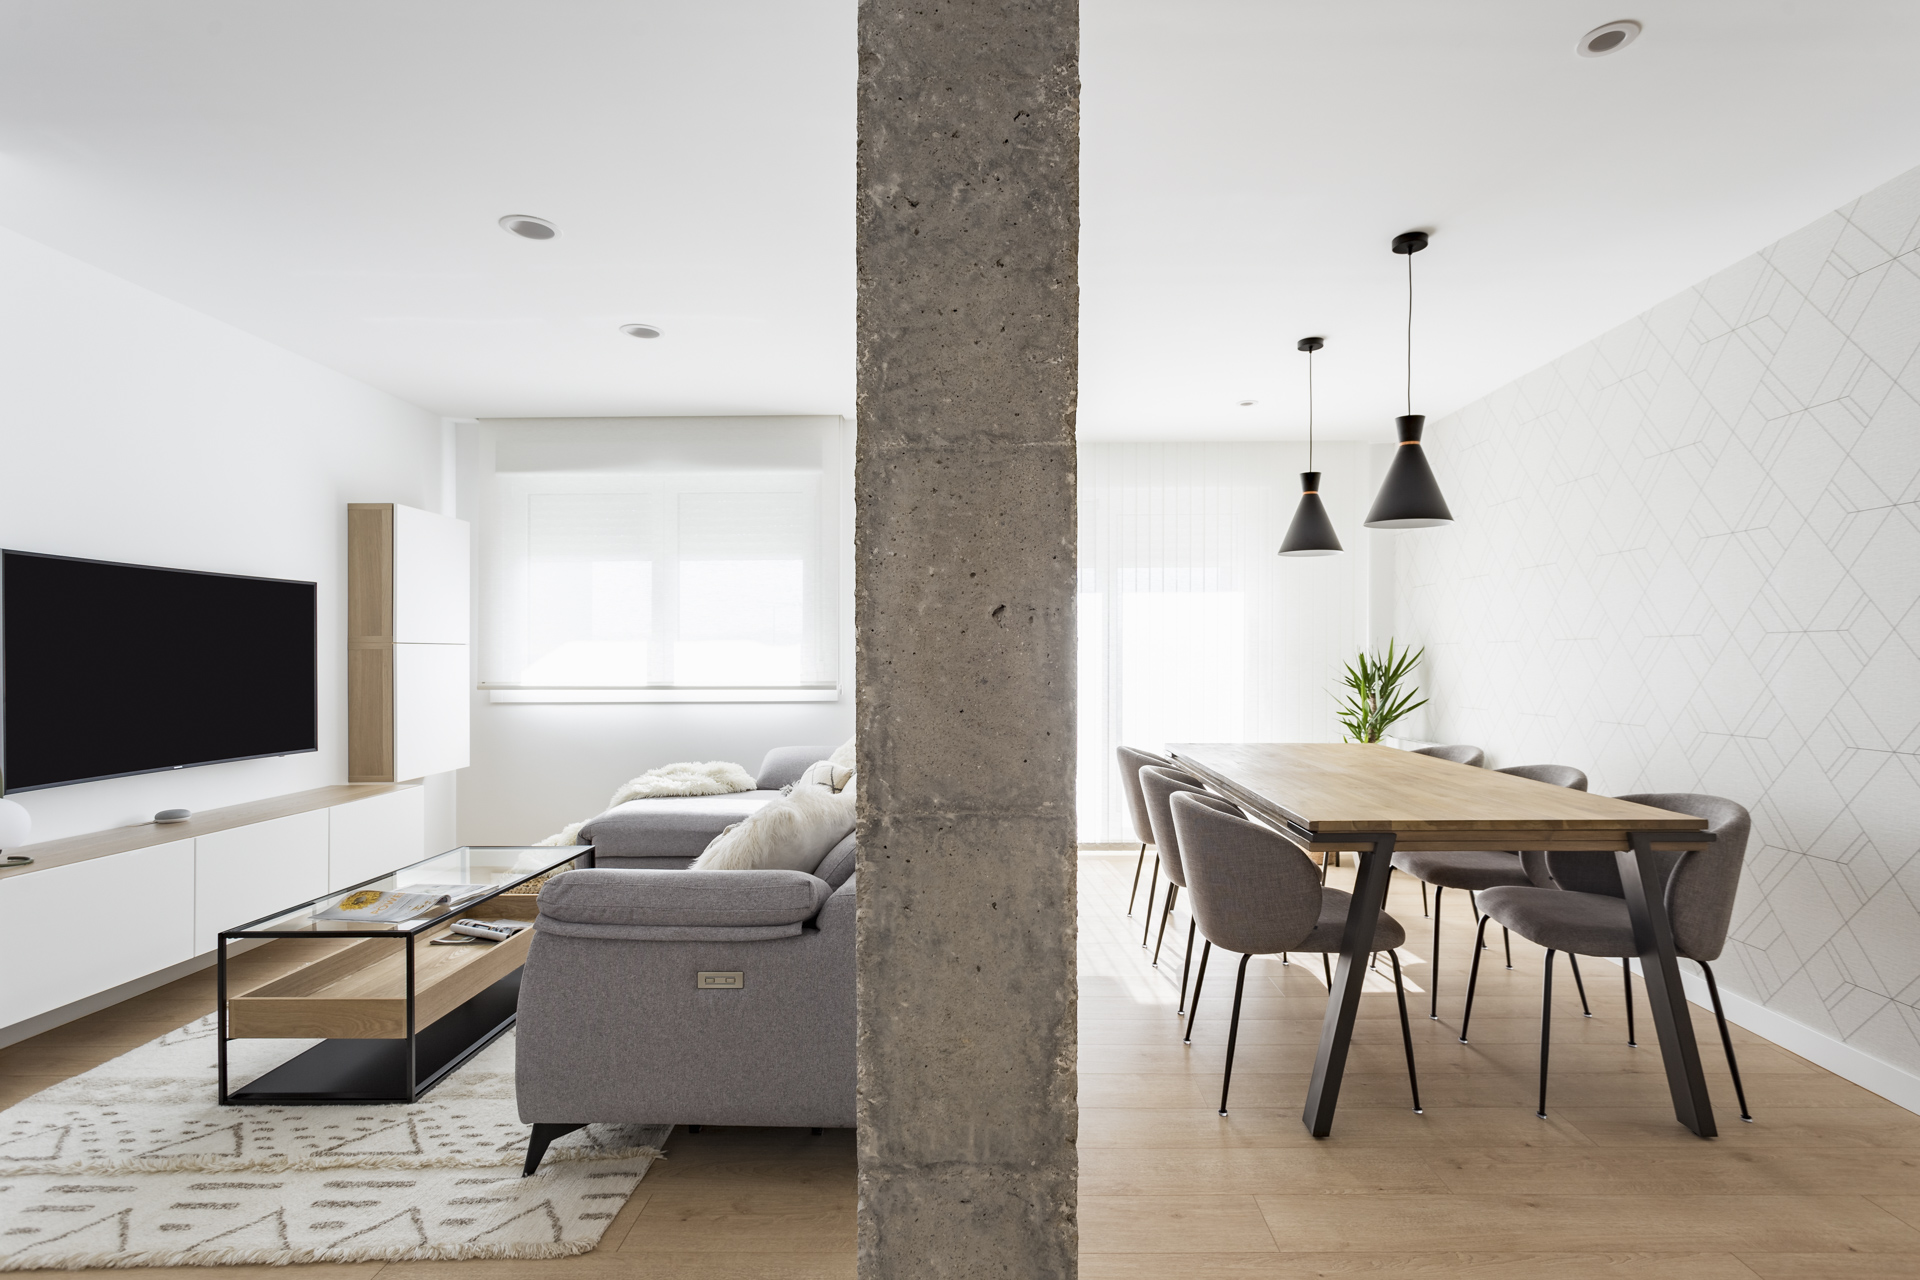 Reforma de vivienda   Espacio Concept - Reforma de vivienda   Espacio Concept - Reforma de vivienda I Espacio Concept   Jose Chas